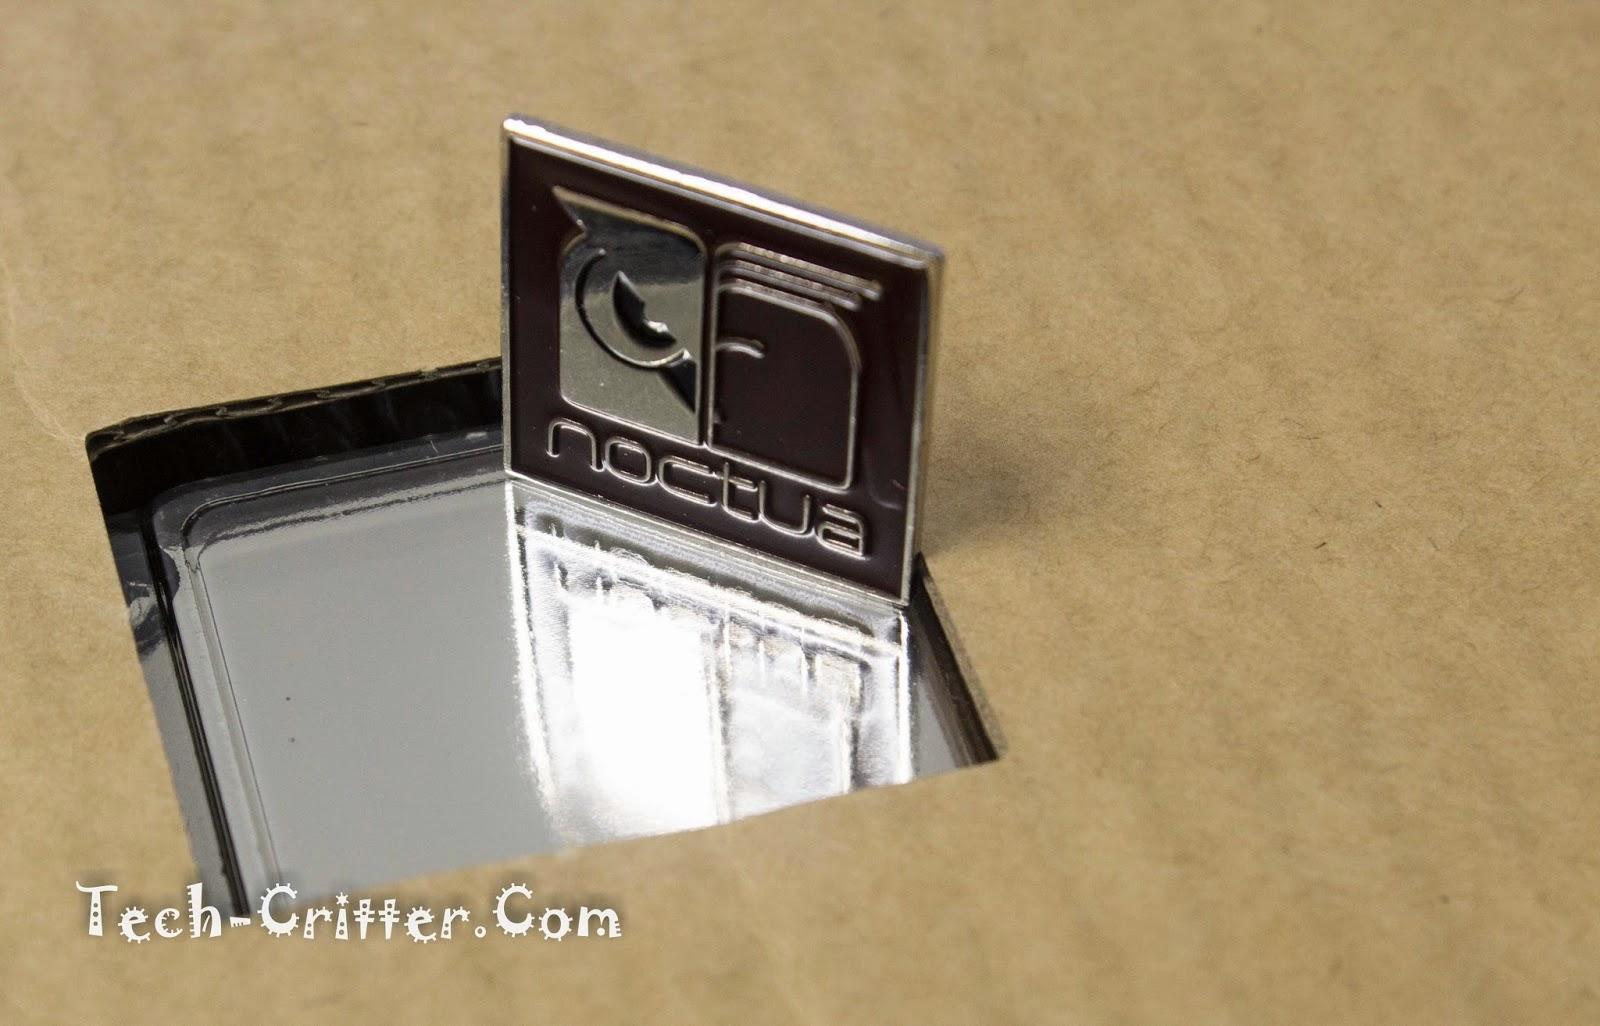 Unboxing & Review: Noctua NH-D15 99